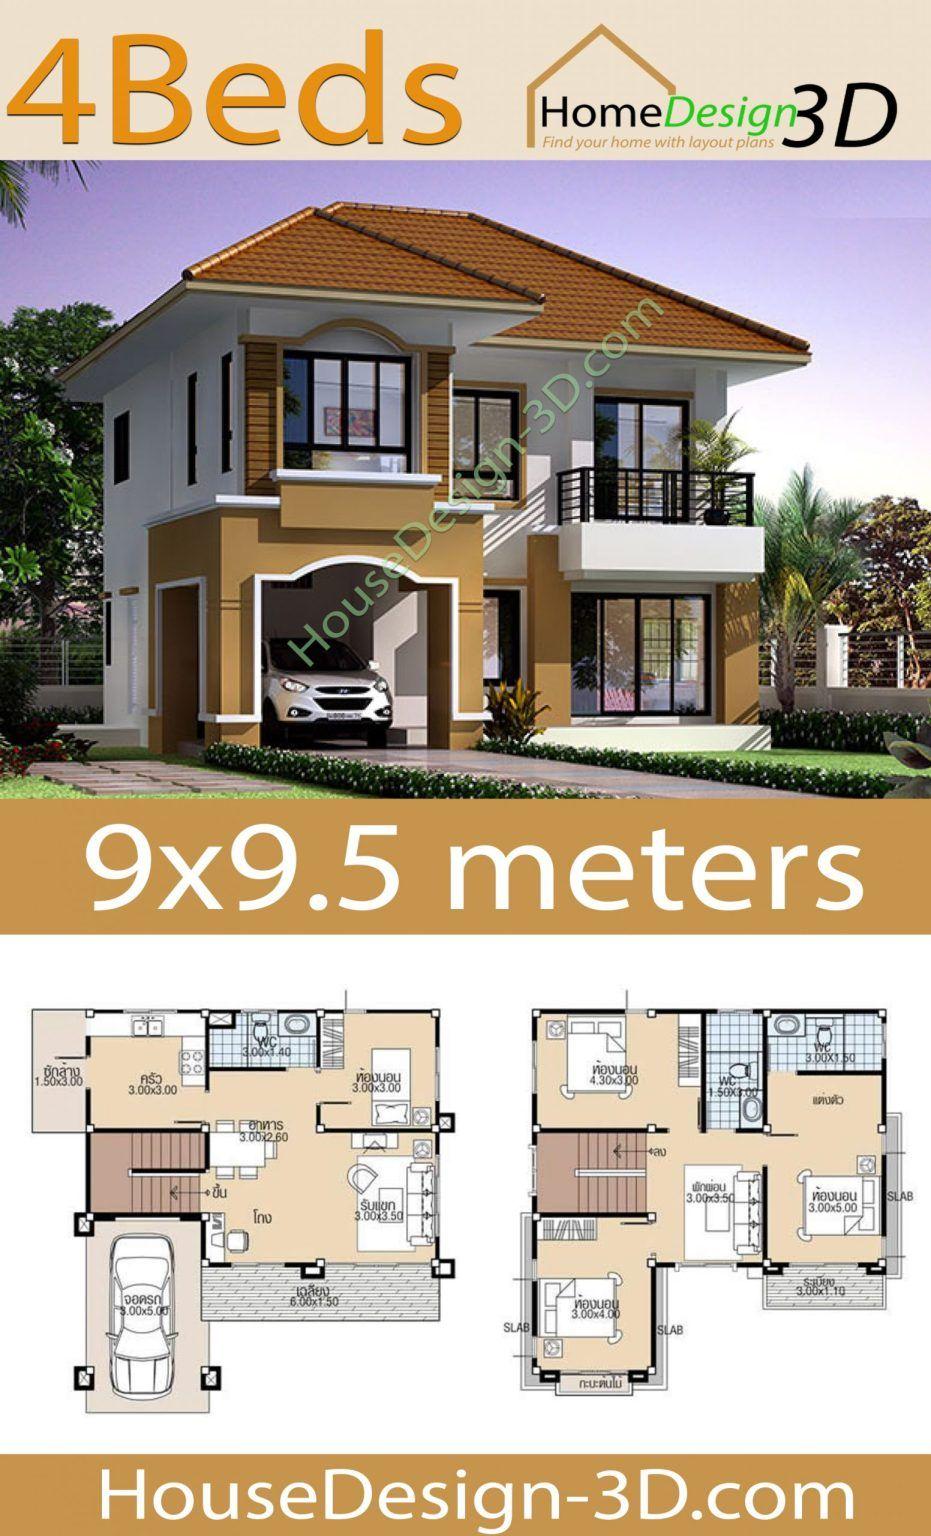 8x8 Bedroom Design: 4 Bedroom House Designs, Duplex